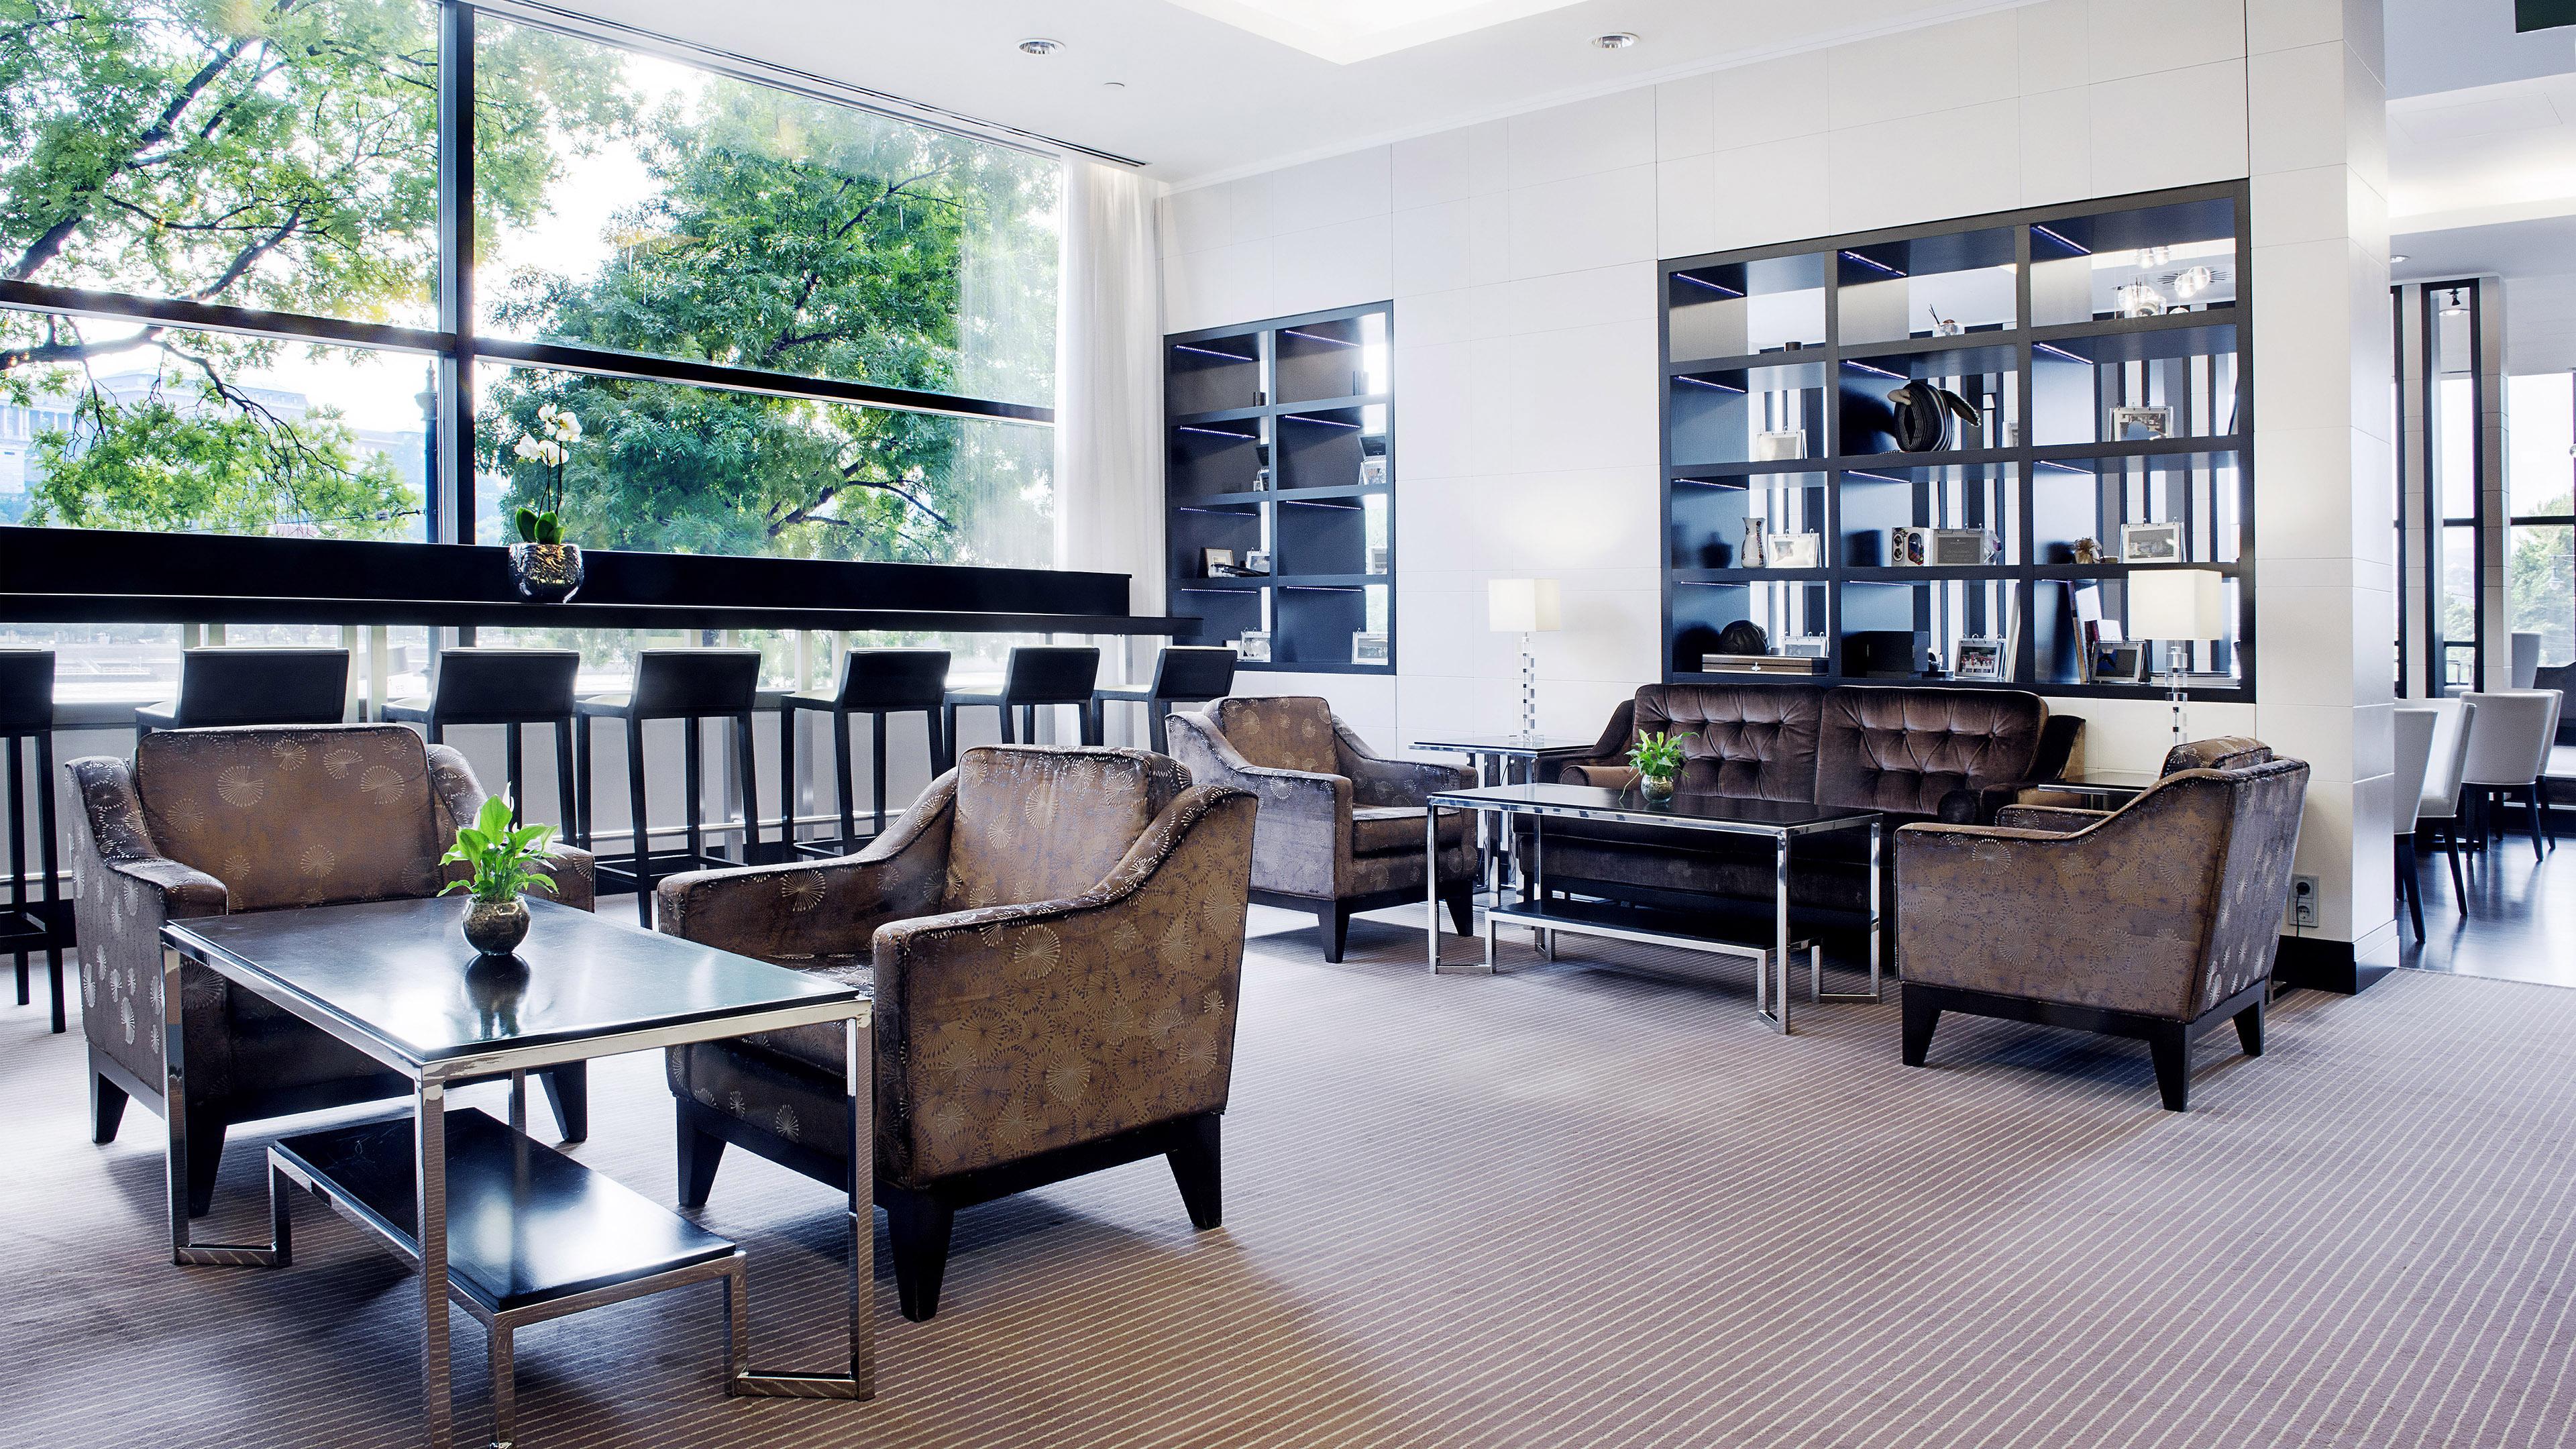 Property InterContinentalBudapest Hotel BarLounge ClubLounge InterContinentalHoteslGroup